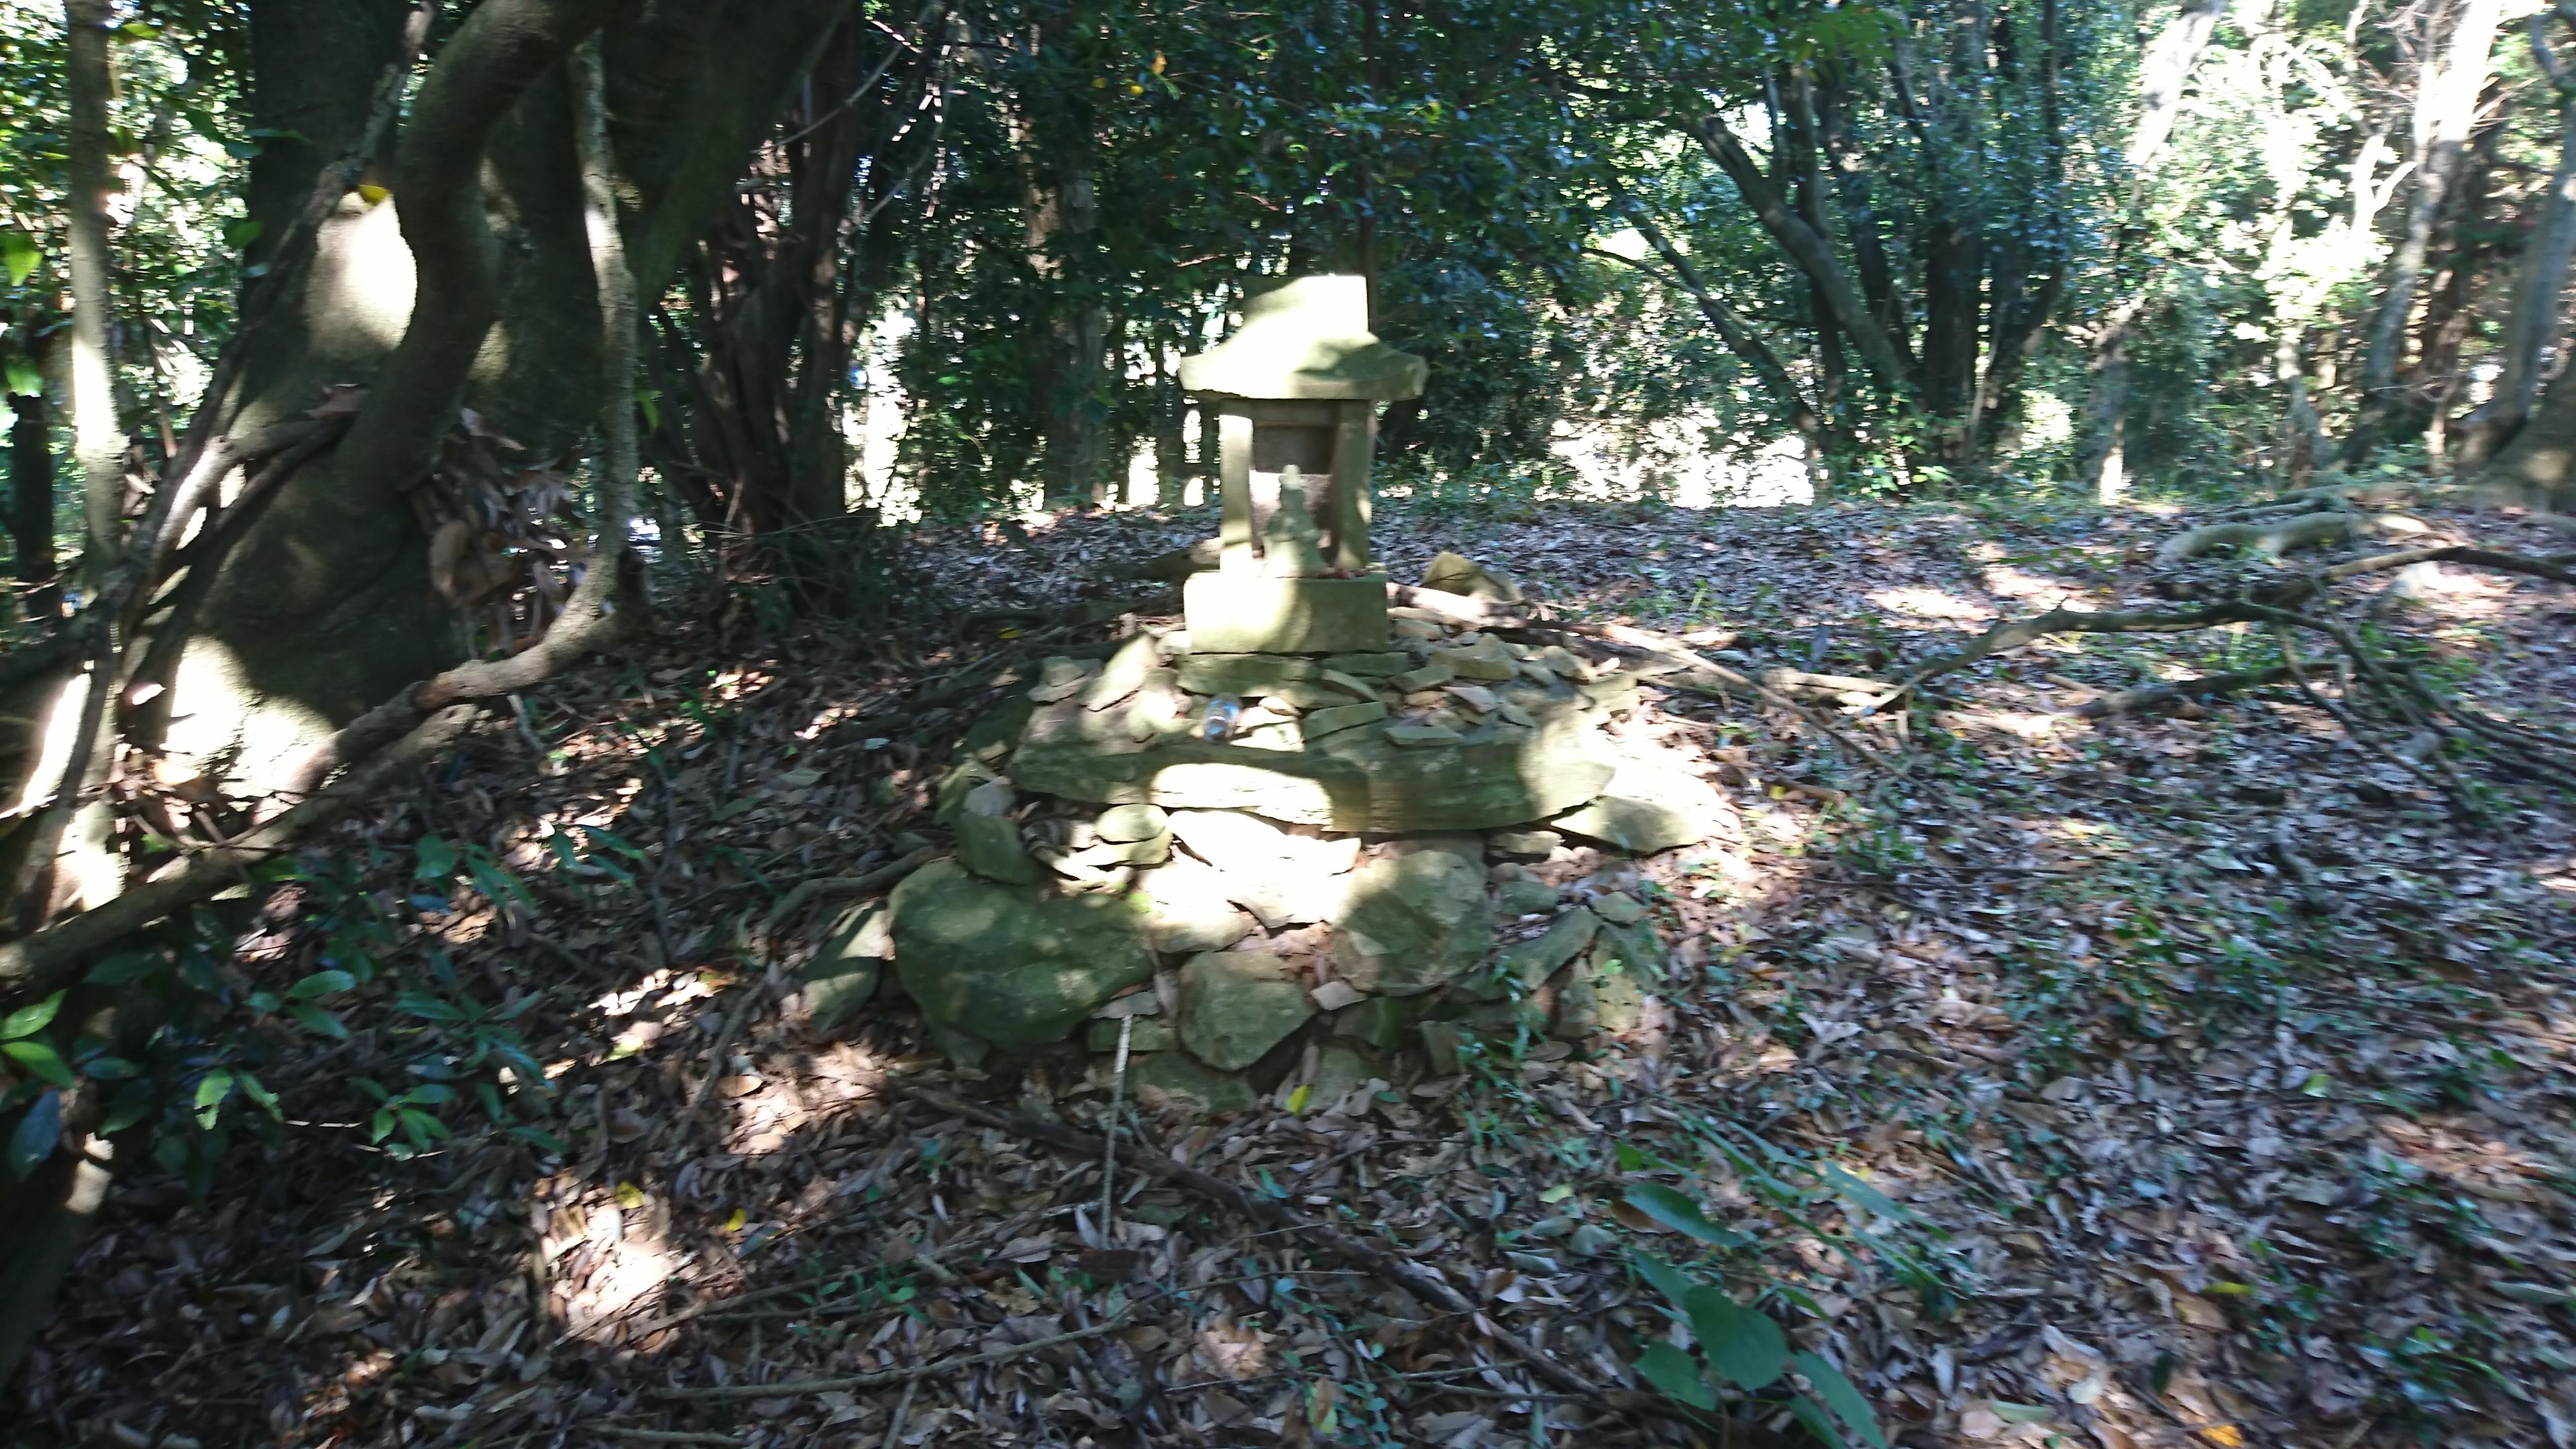 【二子山石器製作遺跡】熊本!日本で唯一国指定史跡になっている石器製作遺跡